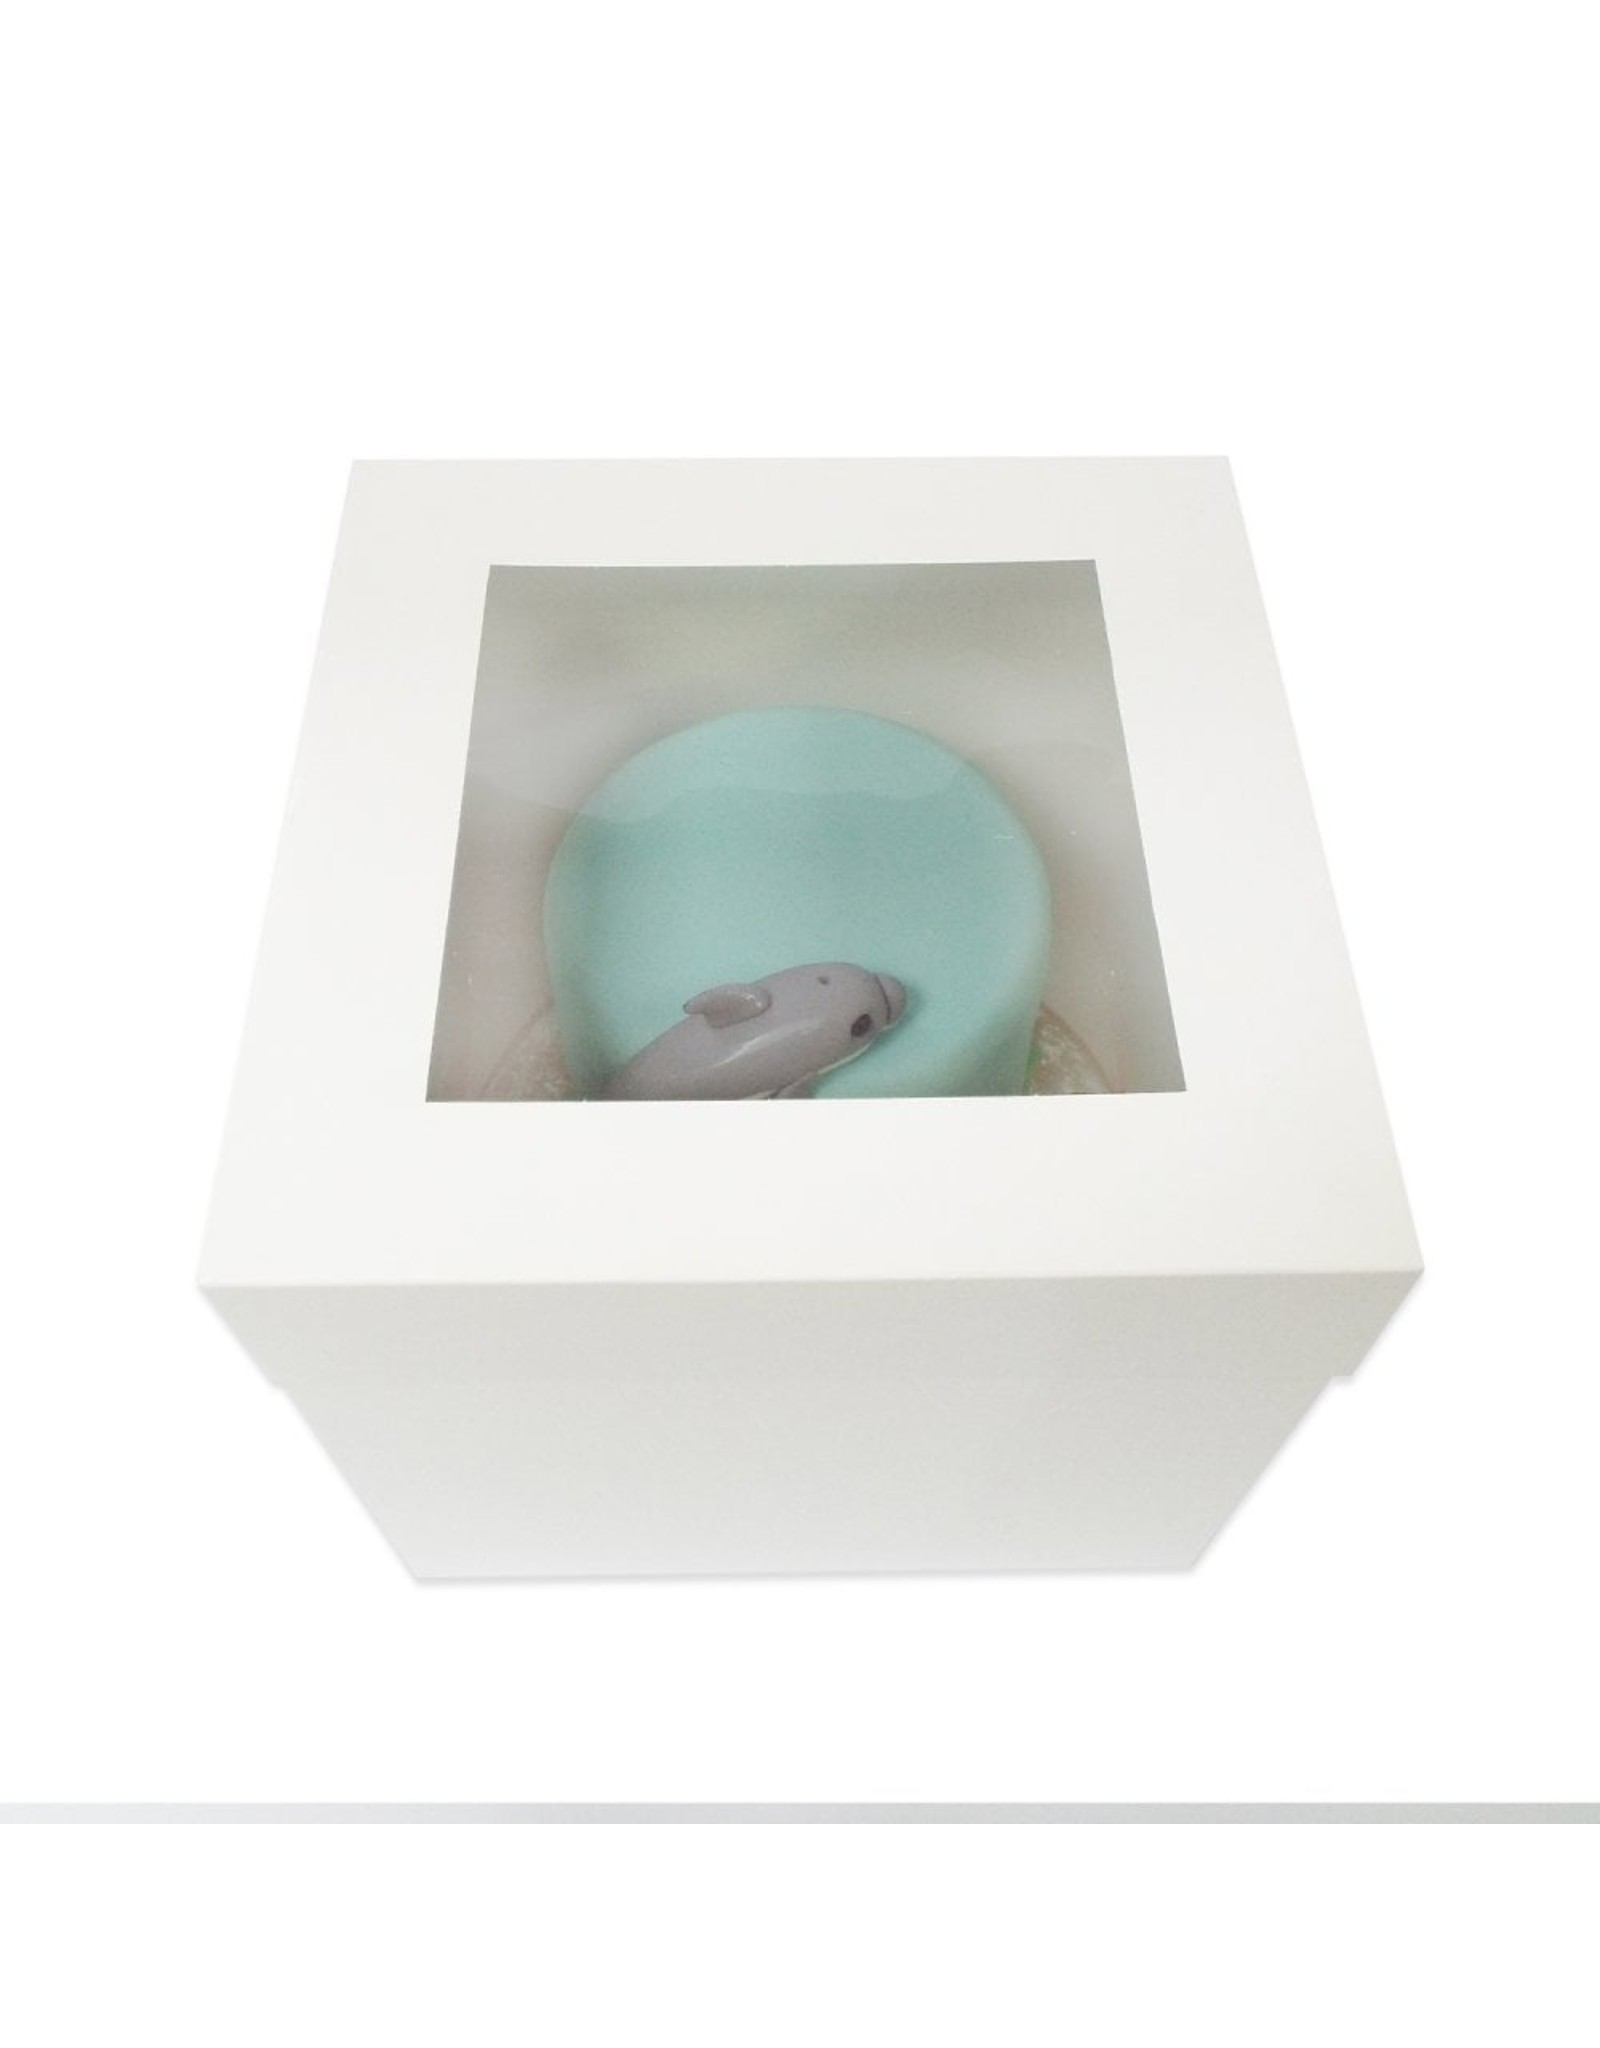 Tall cake box - 305 x 305 x 300 mm (per 50 pieces)